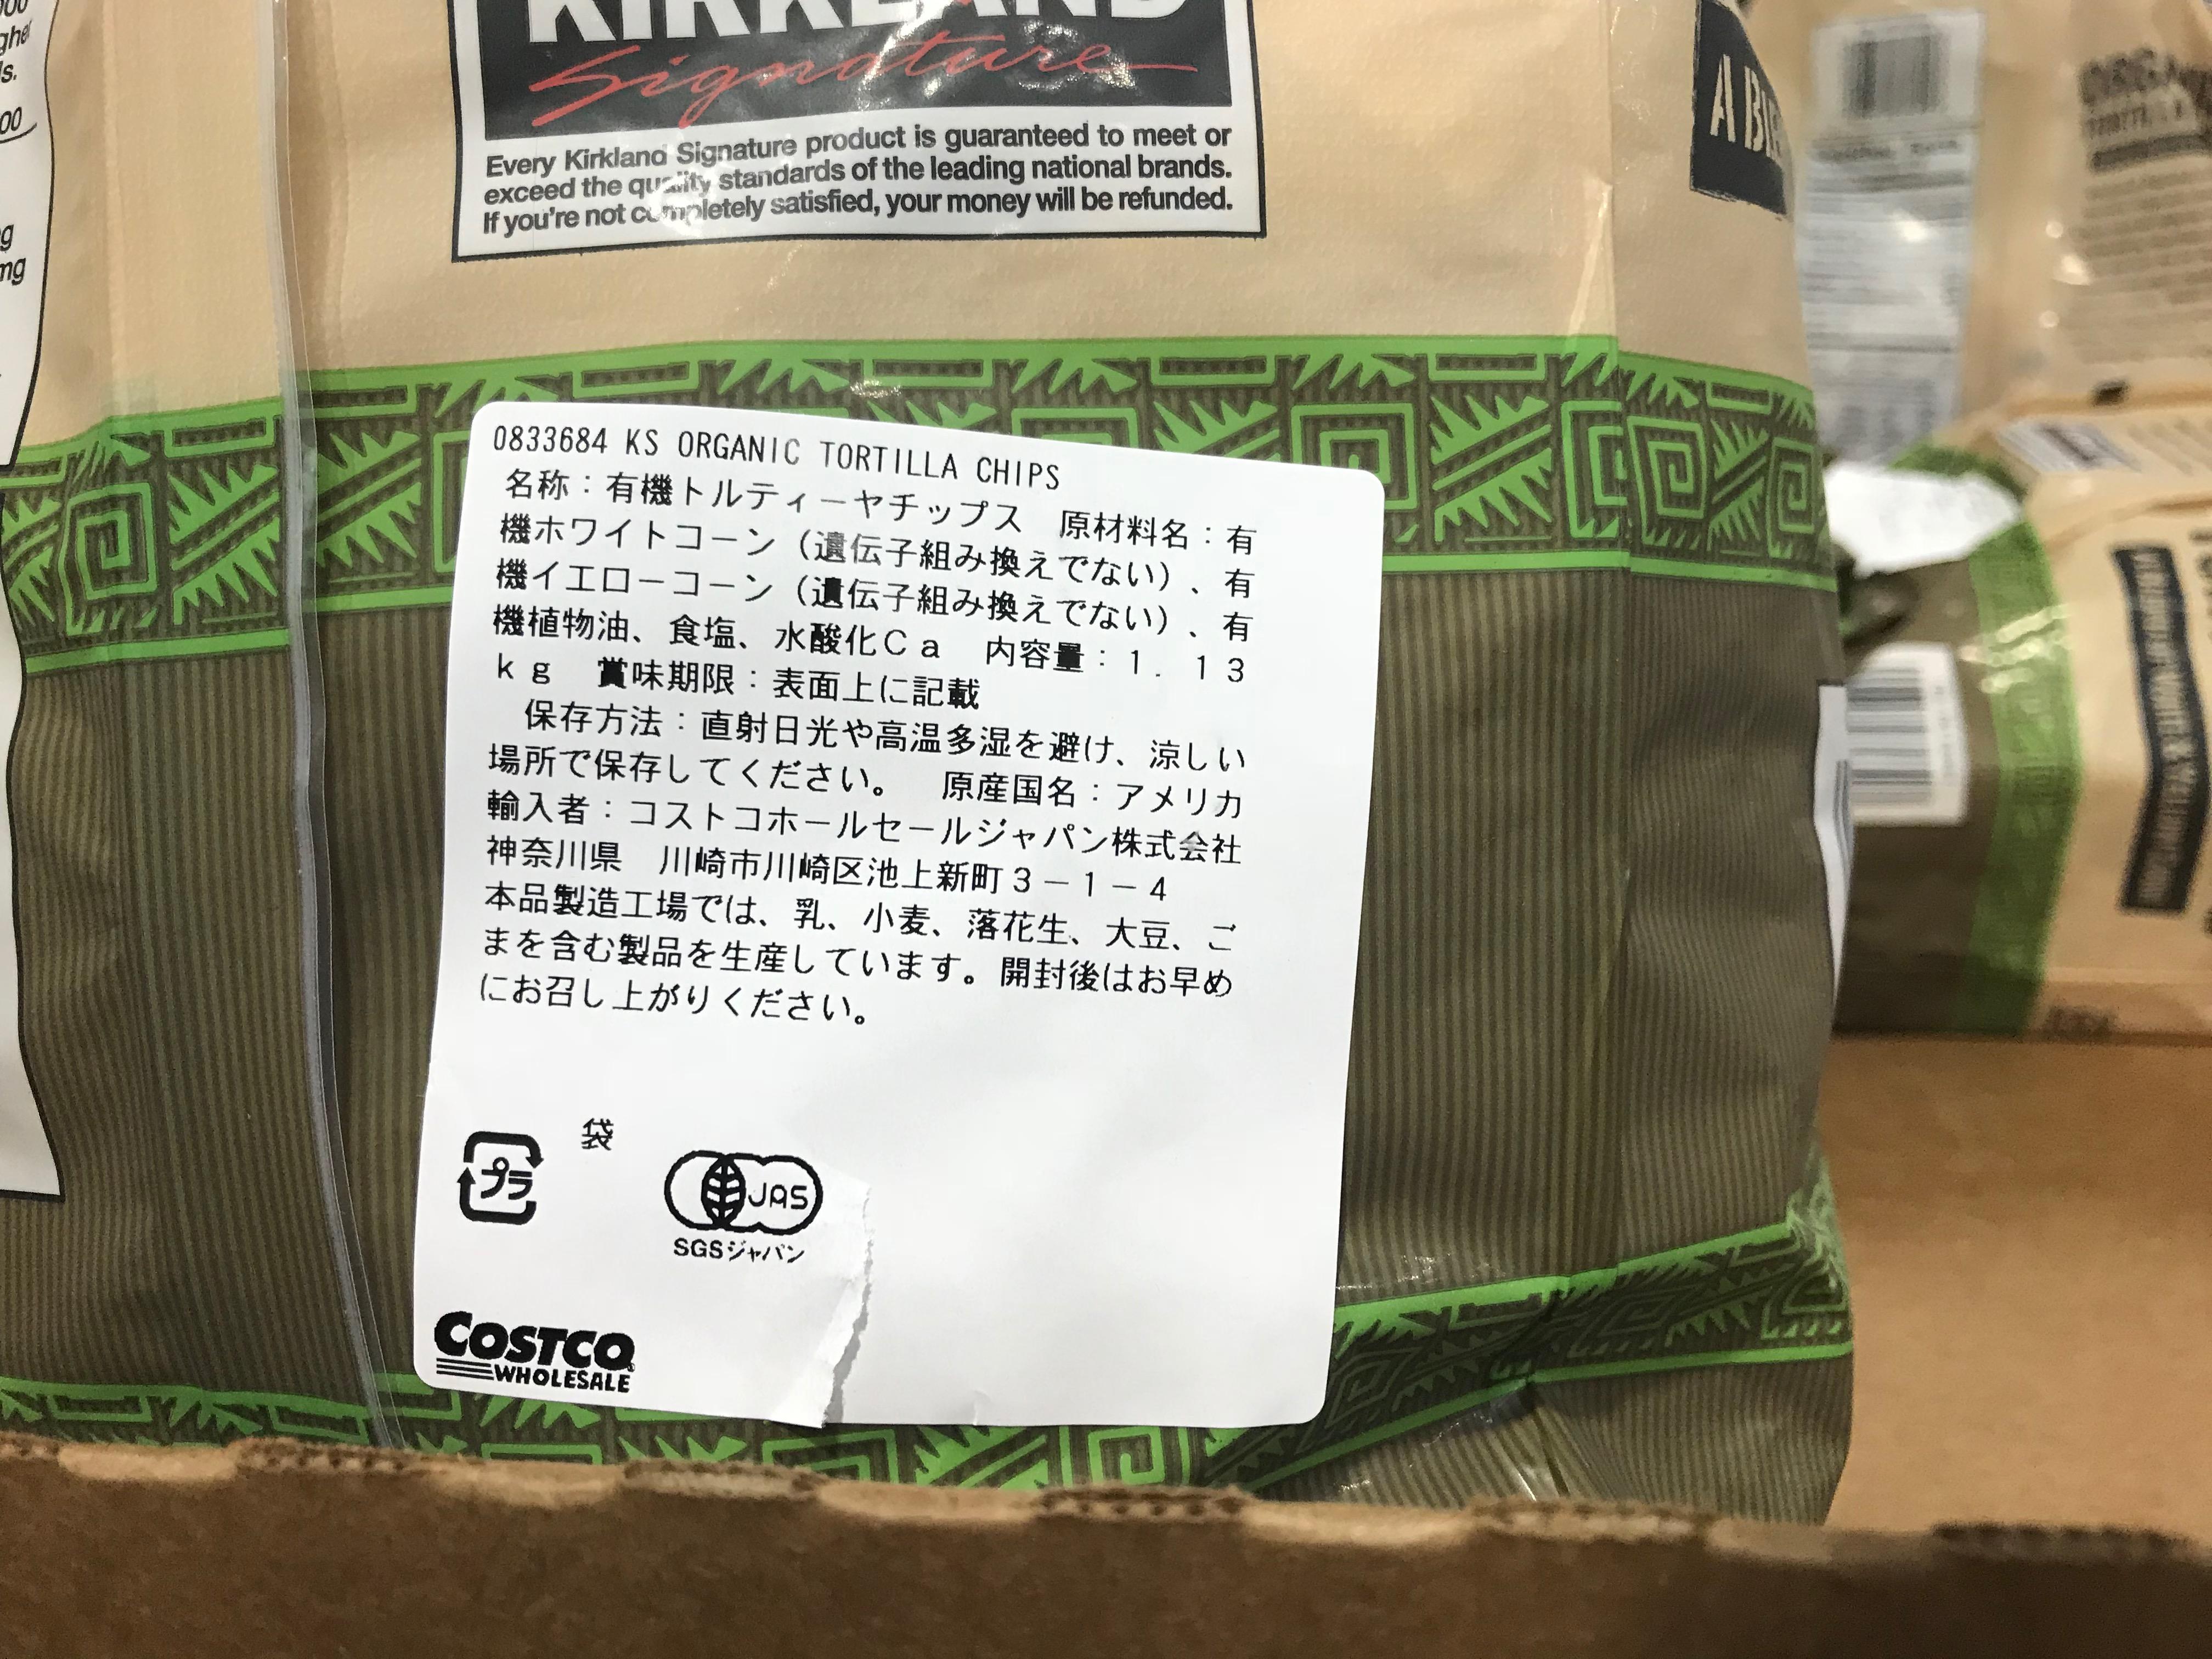 有機トルティーヤチップス コストコ 栄養成分